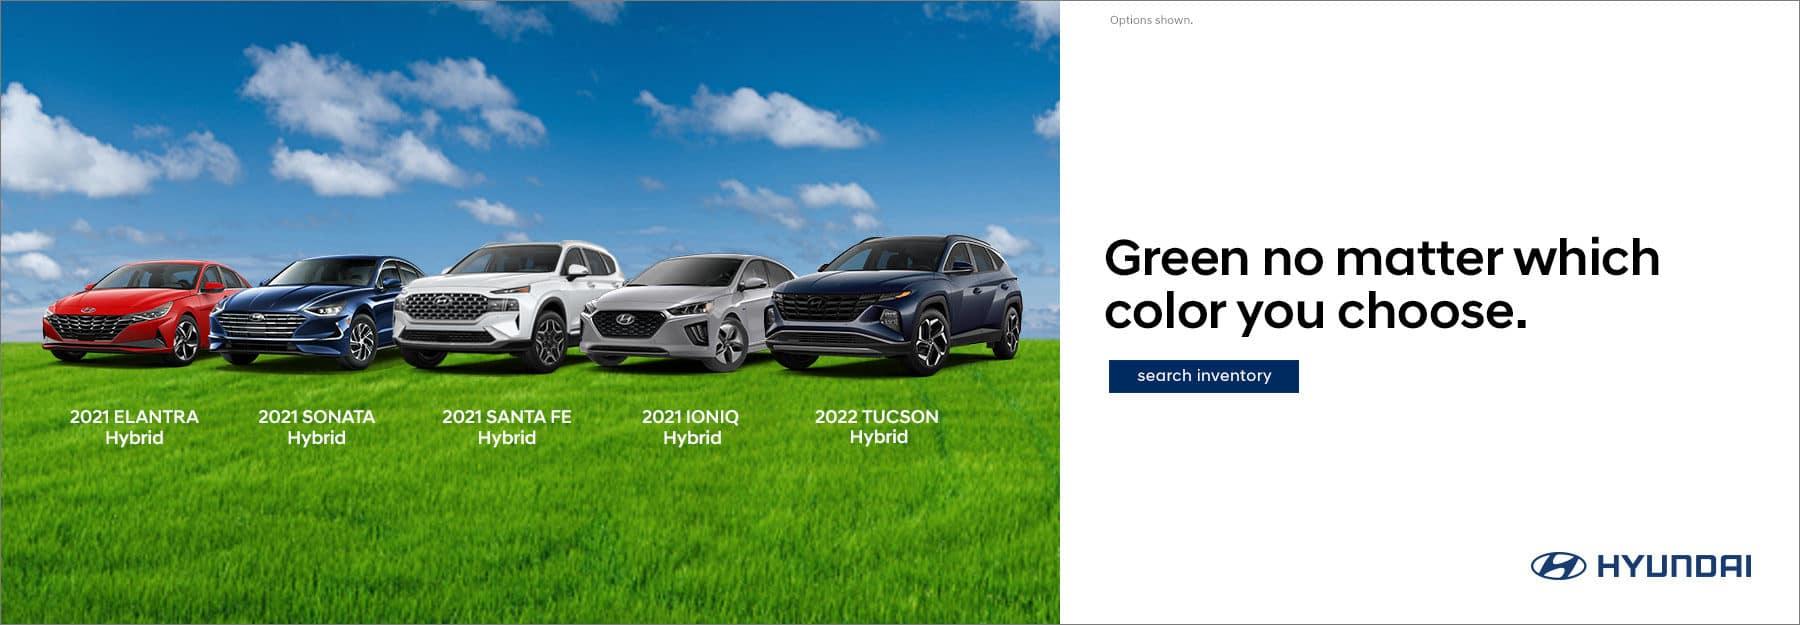 Hyundai Hybrid vehicles